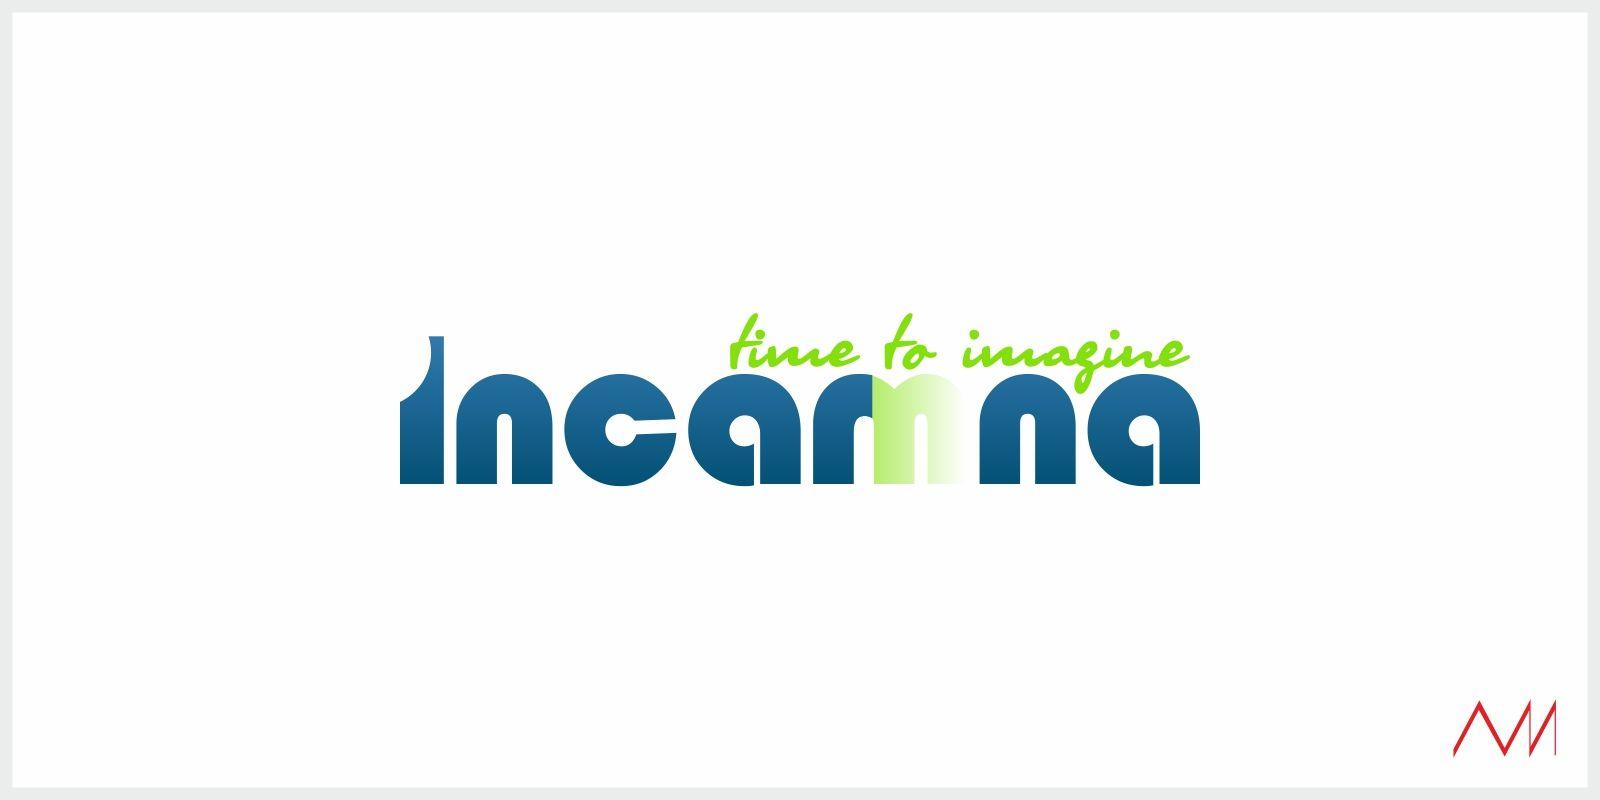 Логотип для Incarna - дизайнер freelancem2015